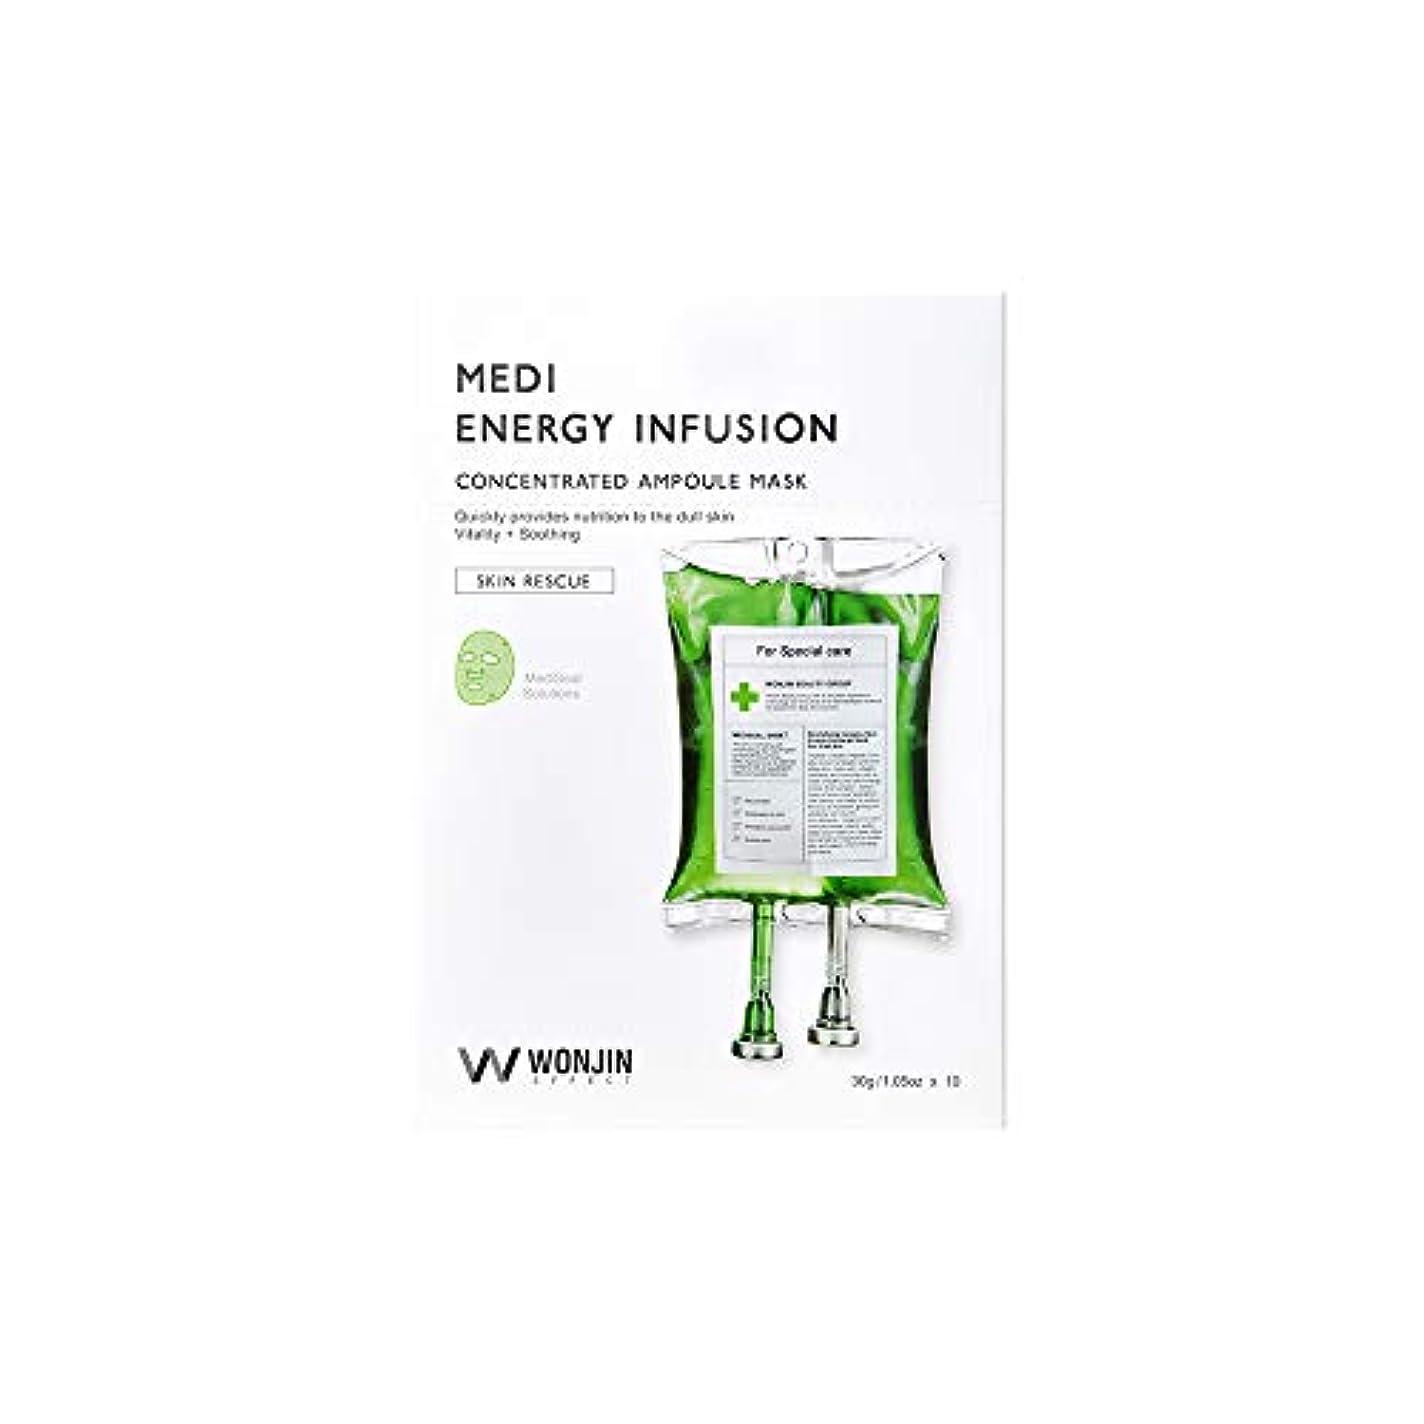 船外水族館野生[WONJIN EFFECT] メディア エネルギー インフュージョン マスク MEDI ENERGY INFUSION MASK 10EA [